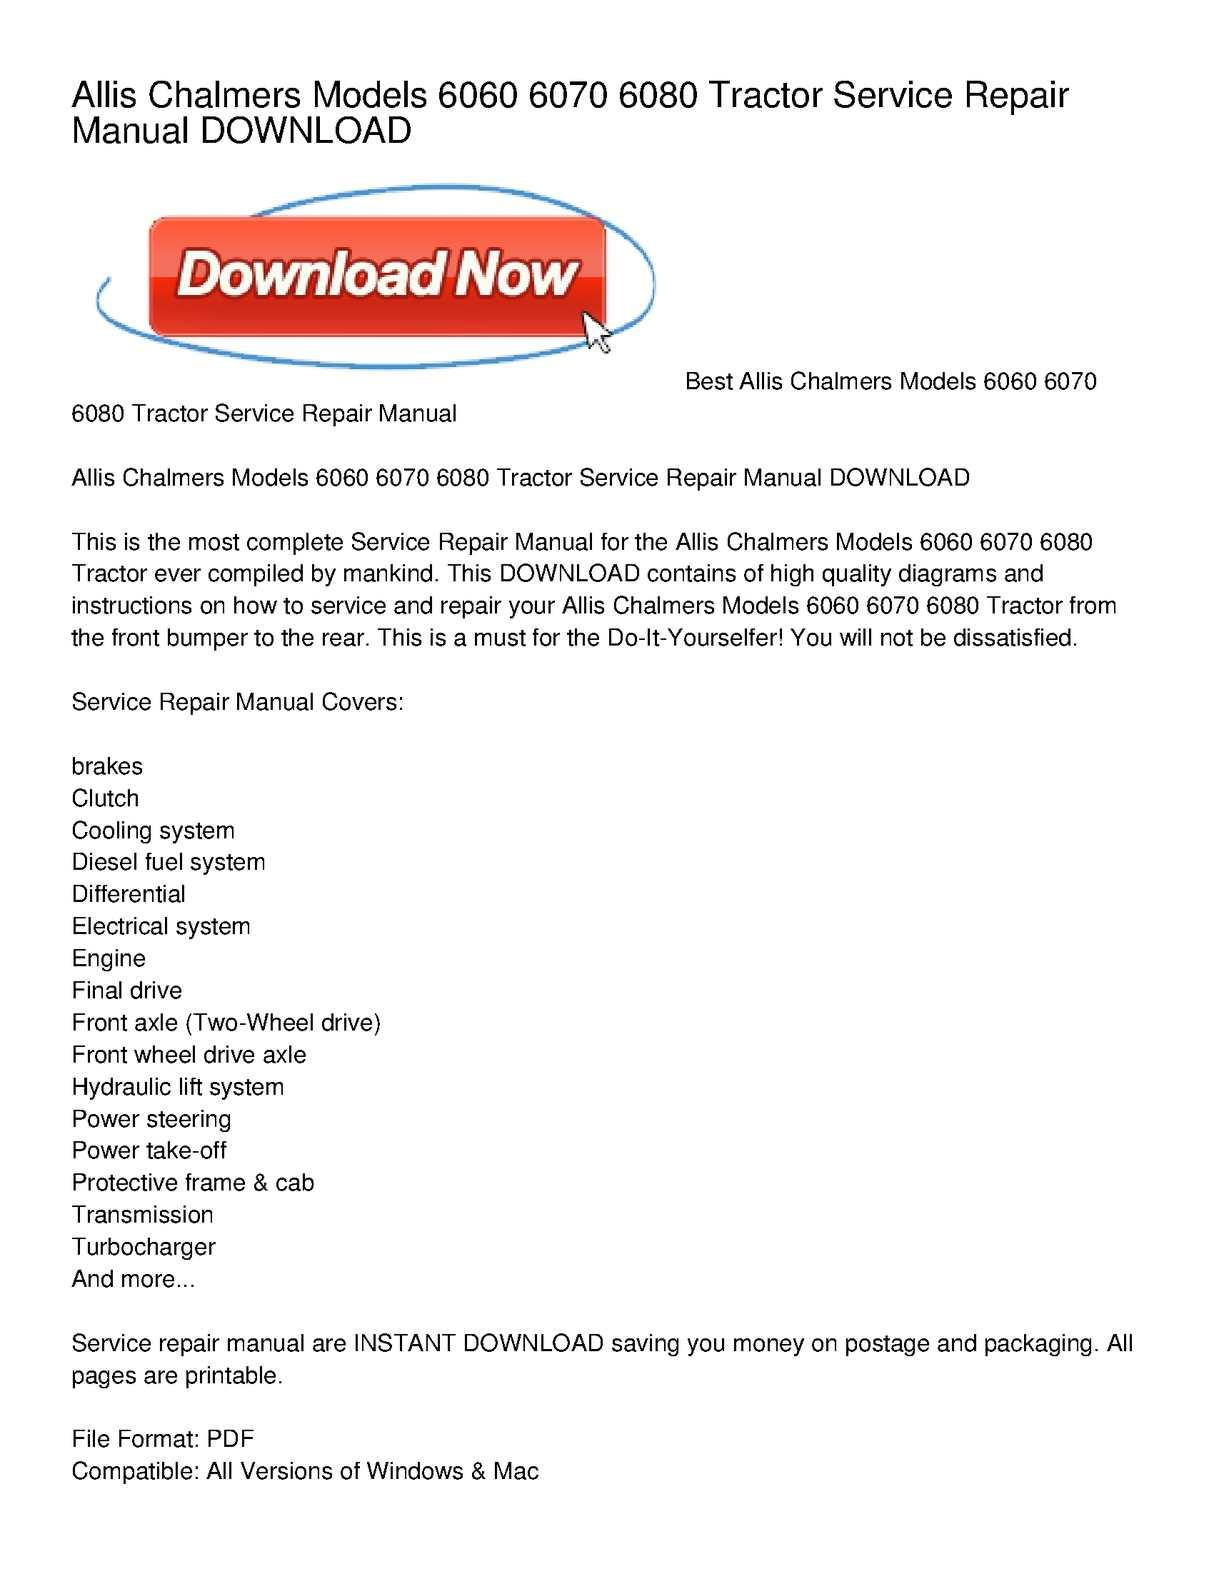 Calamo Allis Chalmers Models 6060 6070 6080 Tractor Service Lawn Mower Wiring Diagram Repair Manual Download